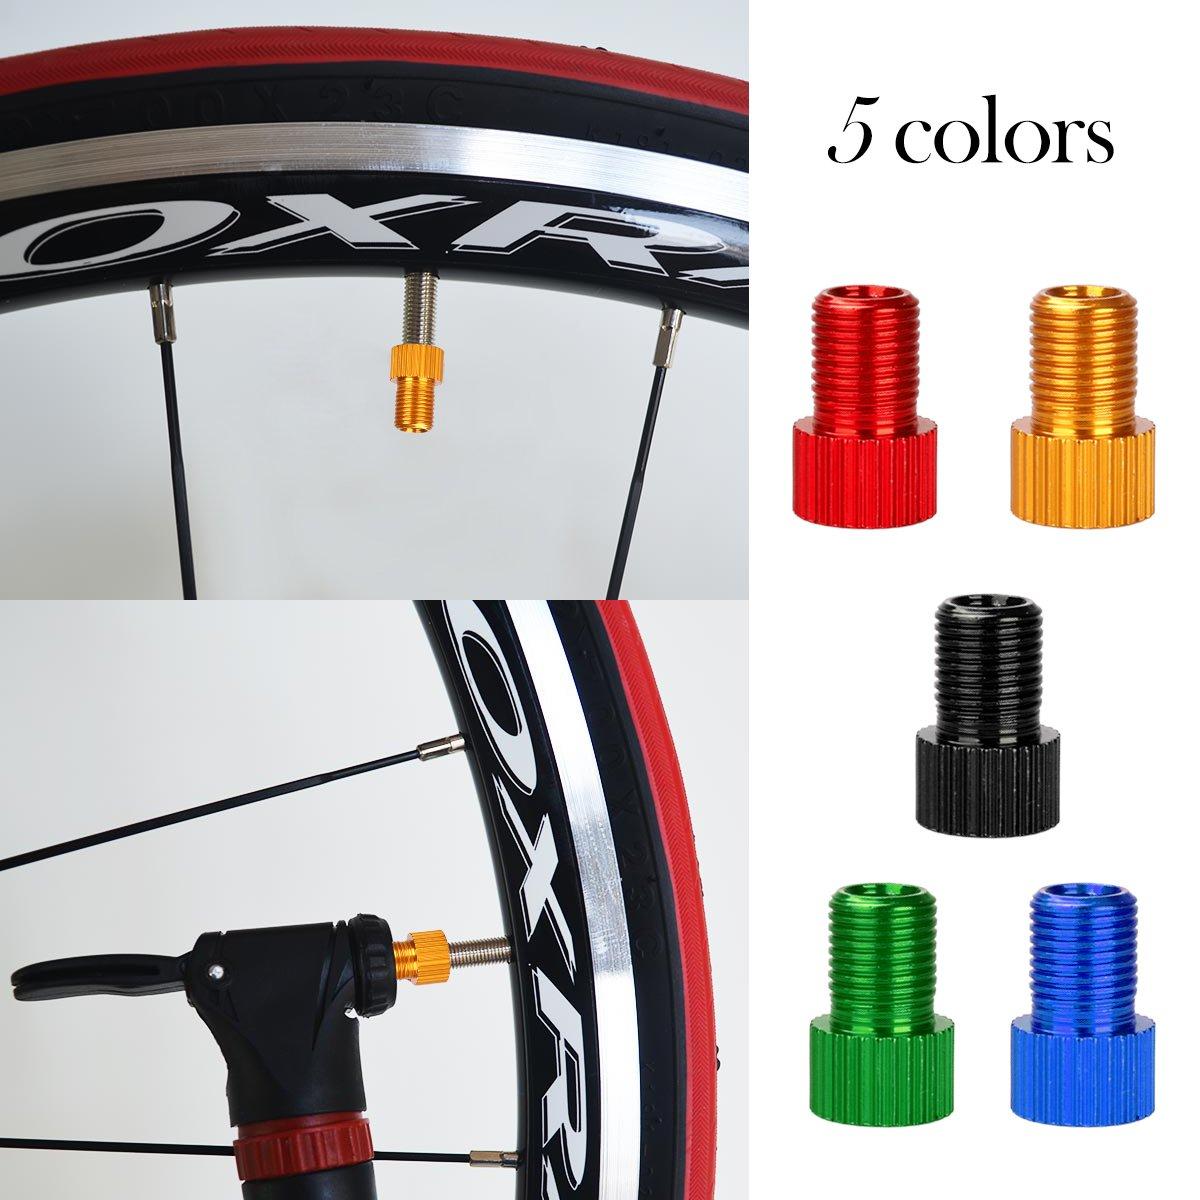 WINOMO 10pcs Adaptador de Válvula Bici Bomba Convertidor de Valvula Presta a Schrader para Bicicleta: Amazon.es: Deportes y aire libre